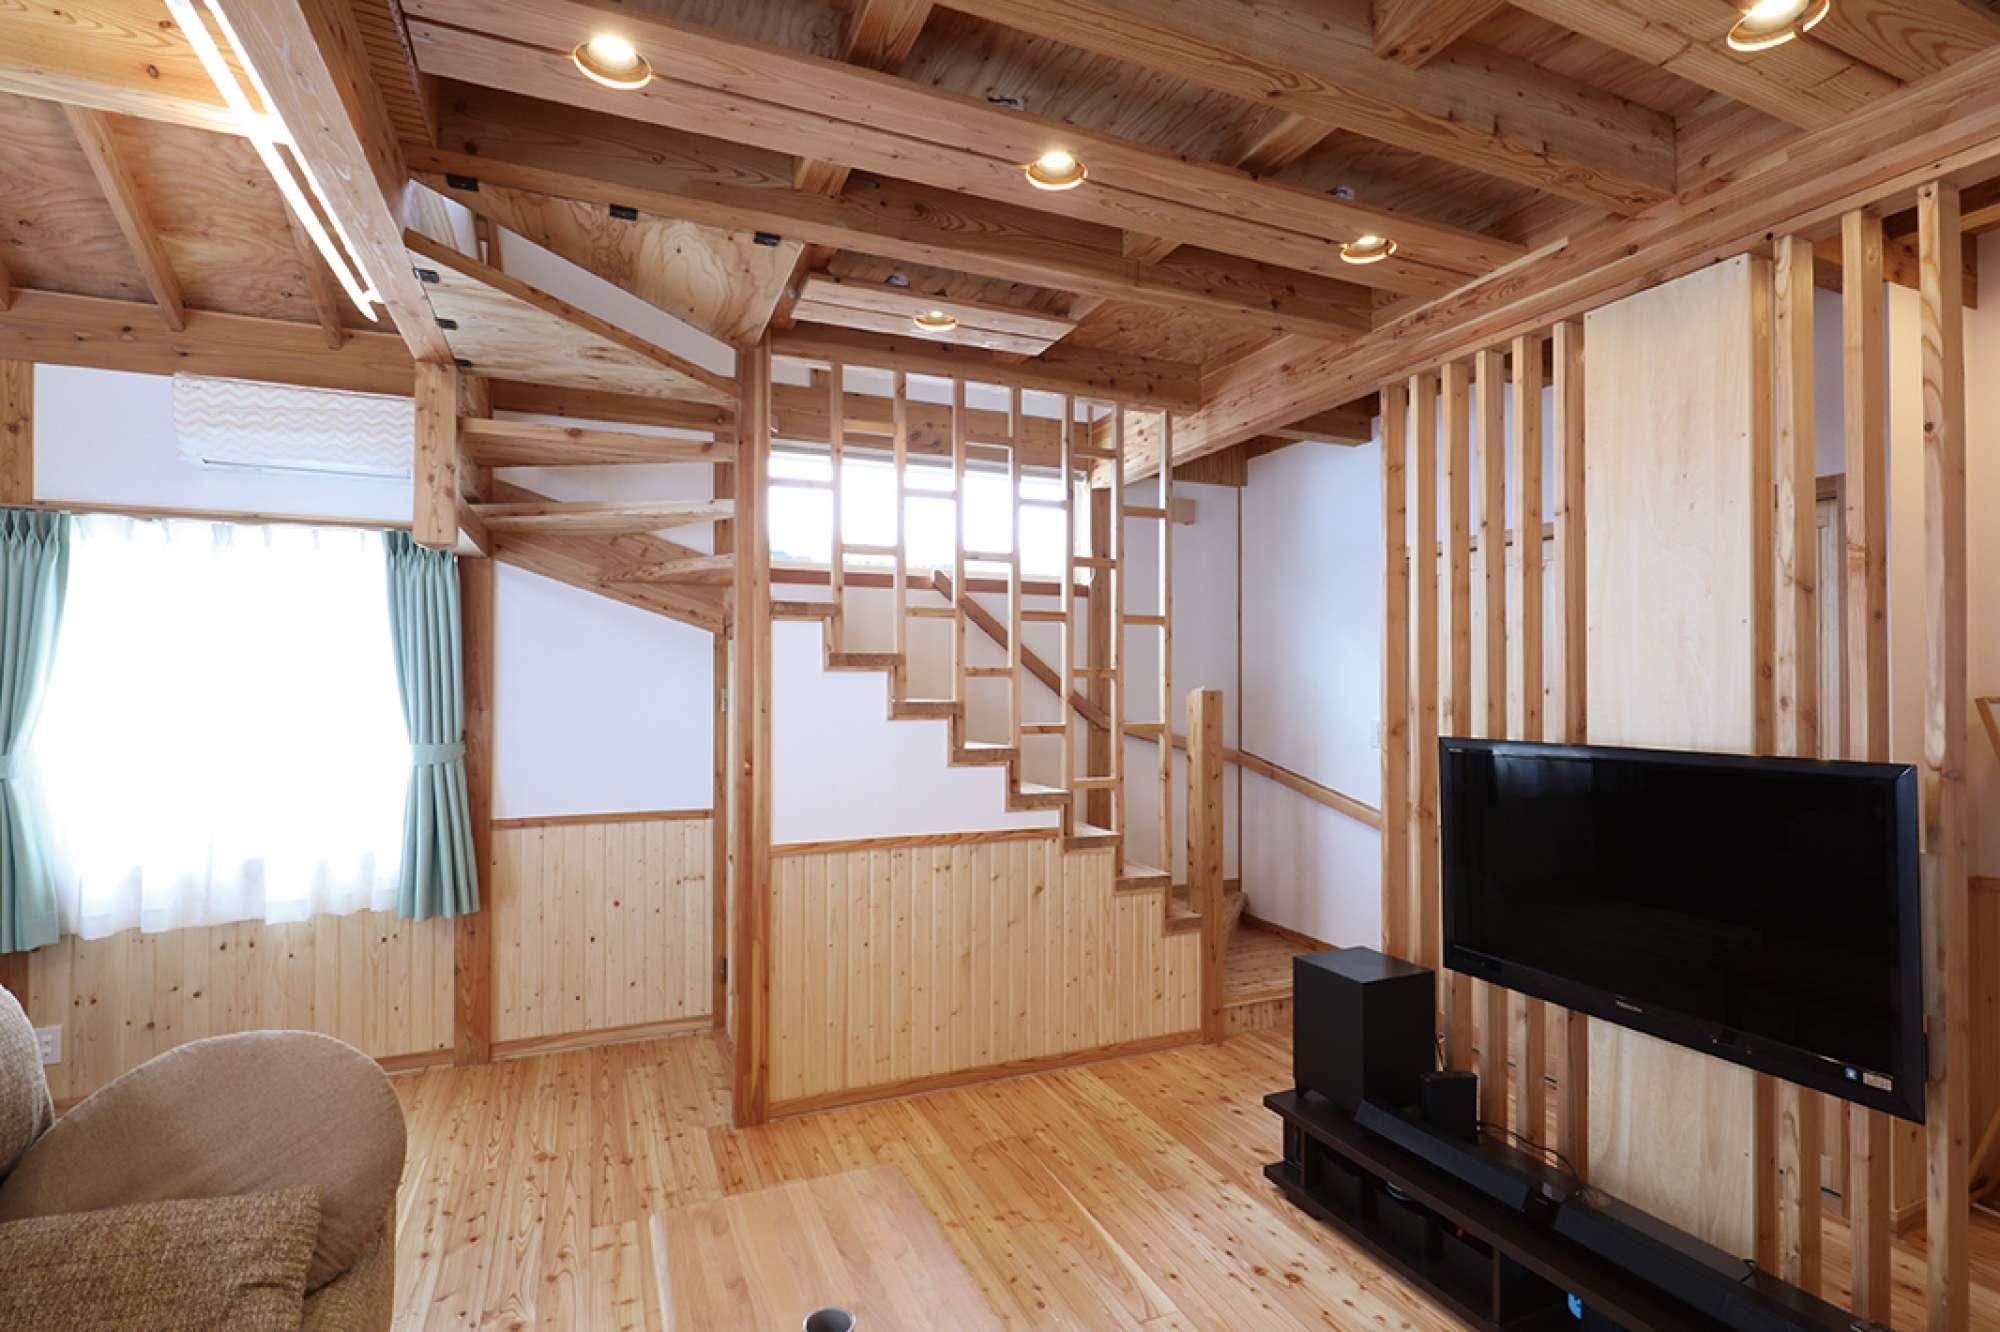 階段の手すりにも造作で格子デザインをあしらっている -  -  -